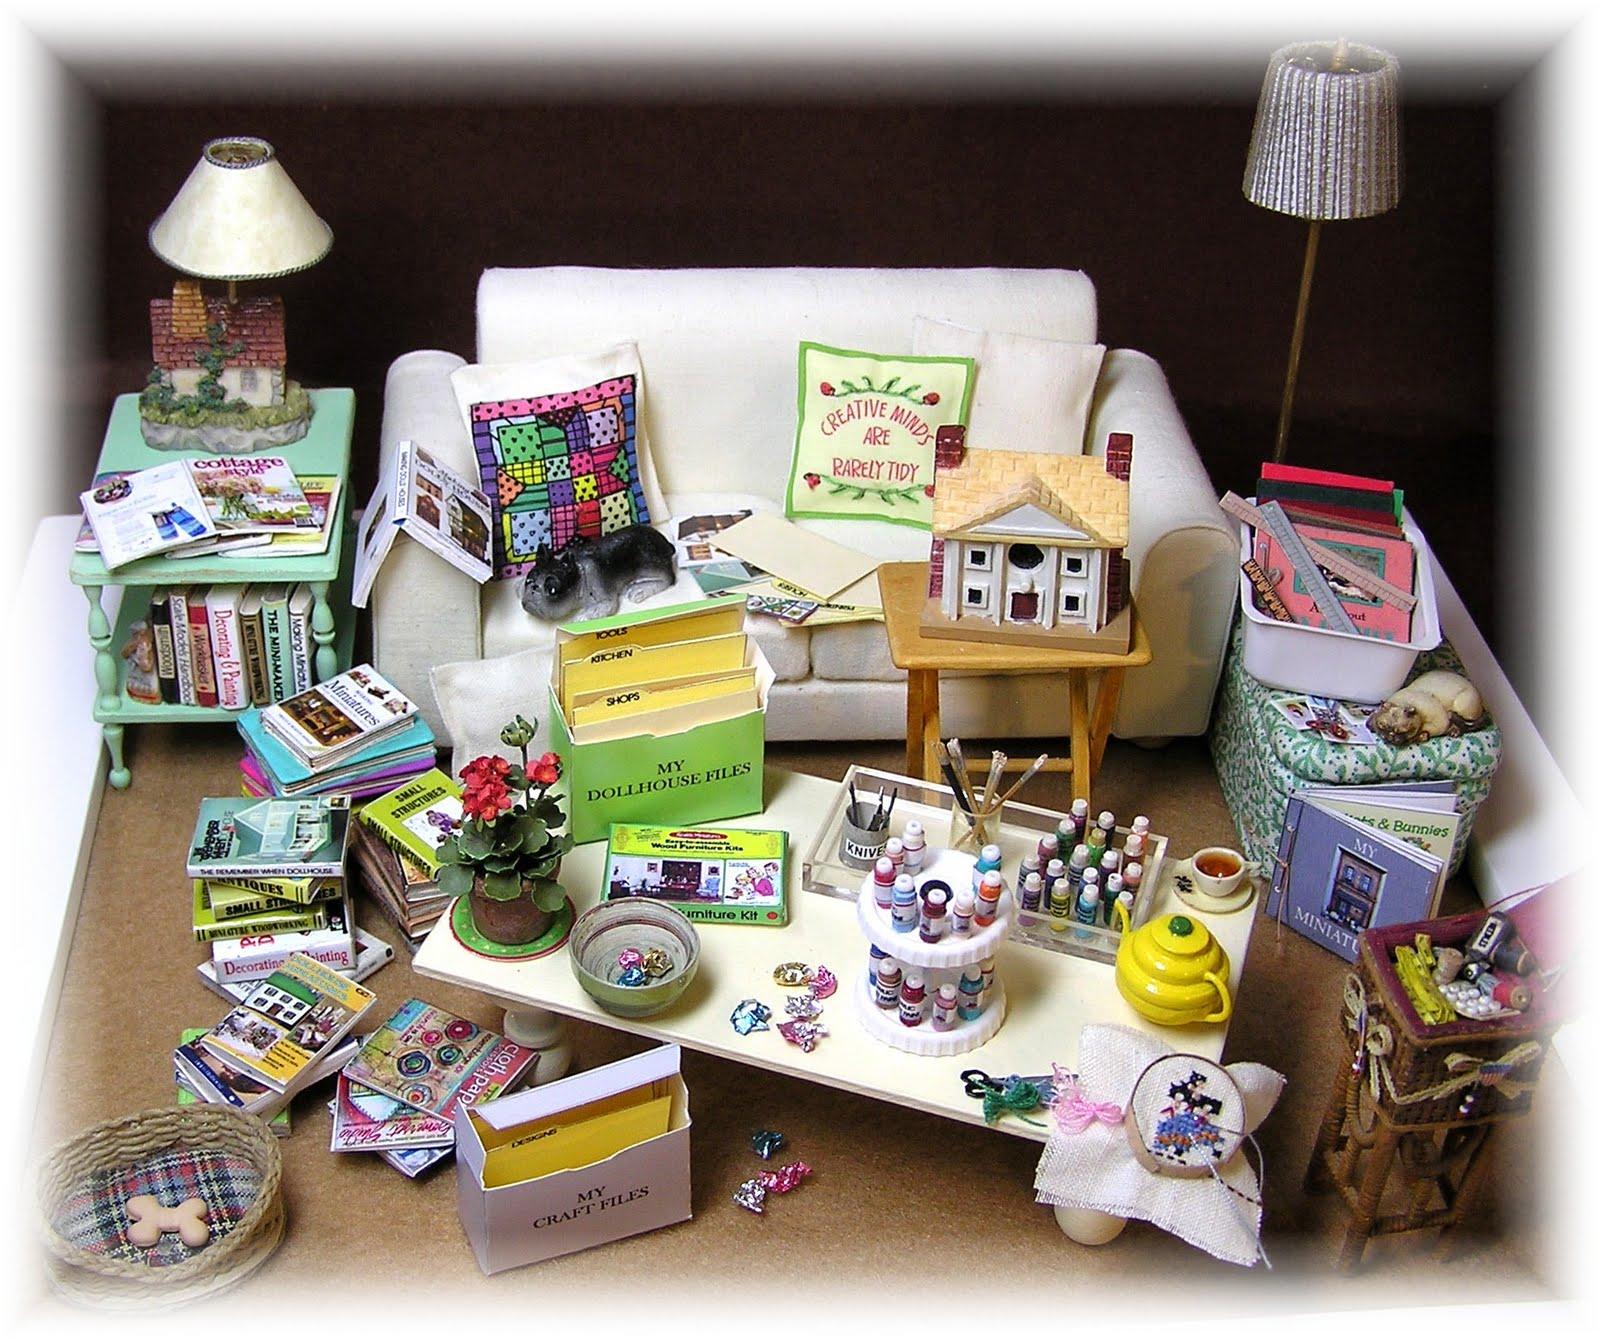 """Dollhouse Miniatures Diy: DYI DOLLHOUSE MINIATURES: """"CREATIVE MINDS ARE RARELY TIDY"""""""